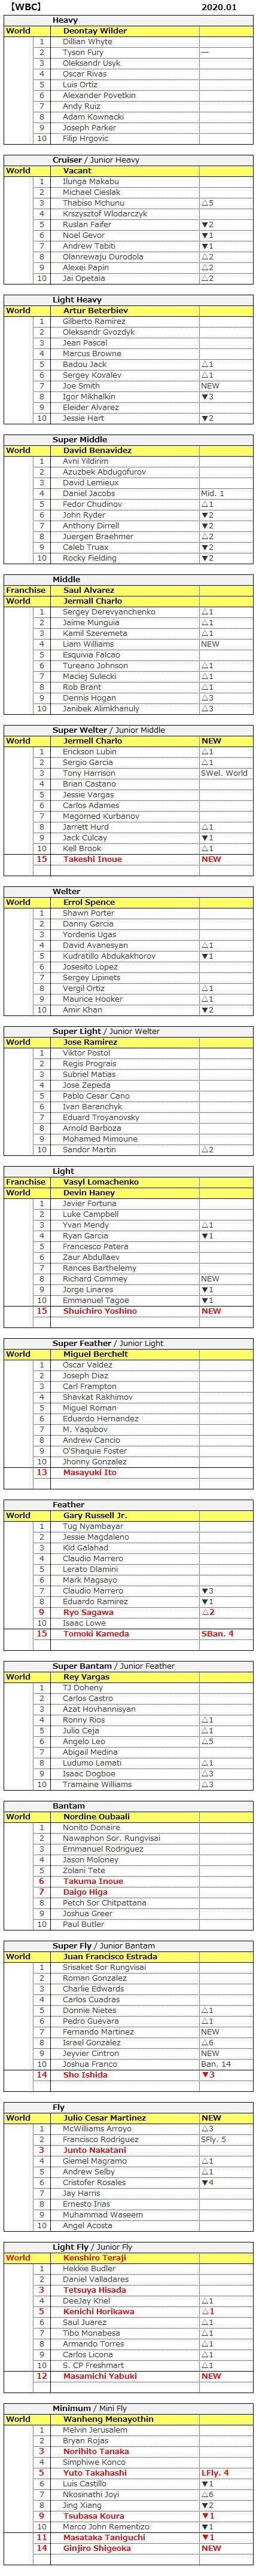 2001 WBC